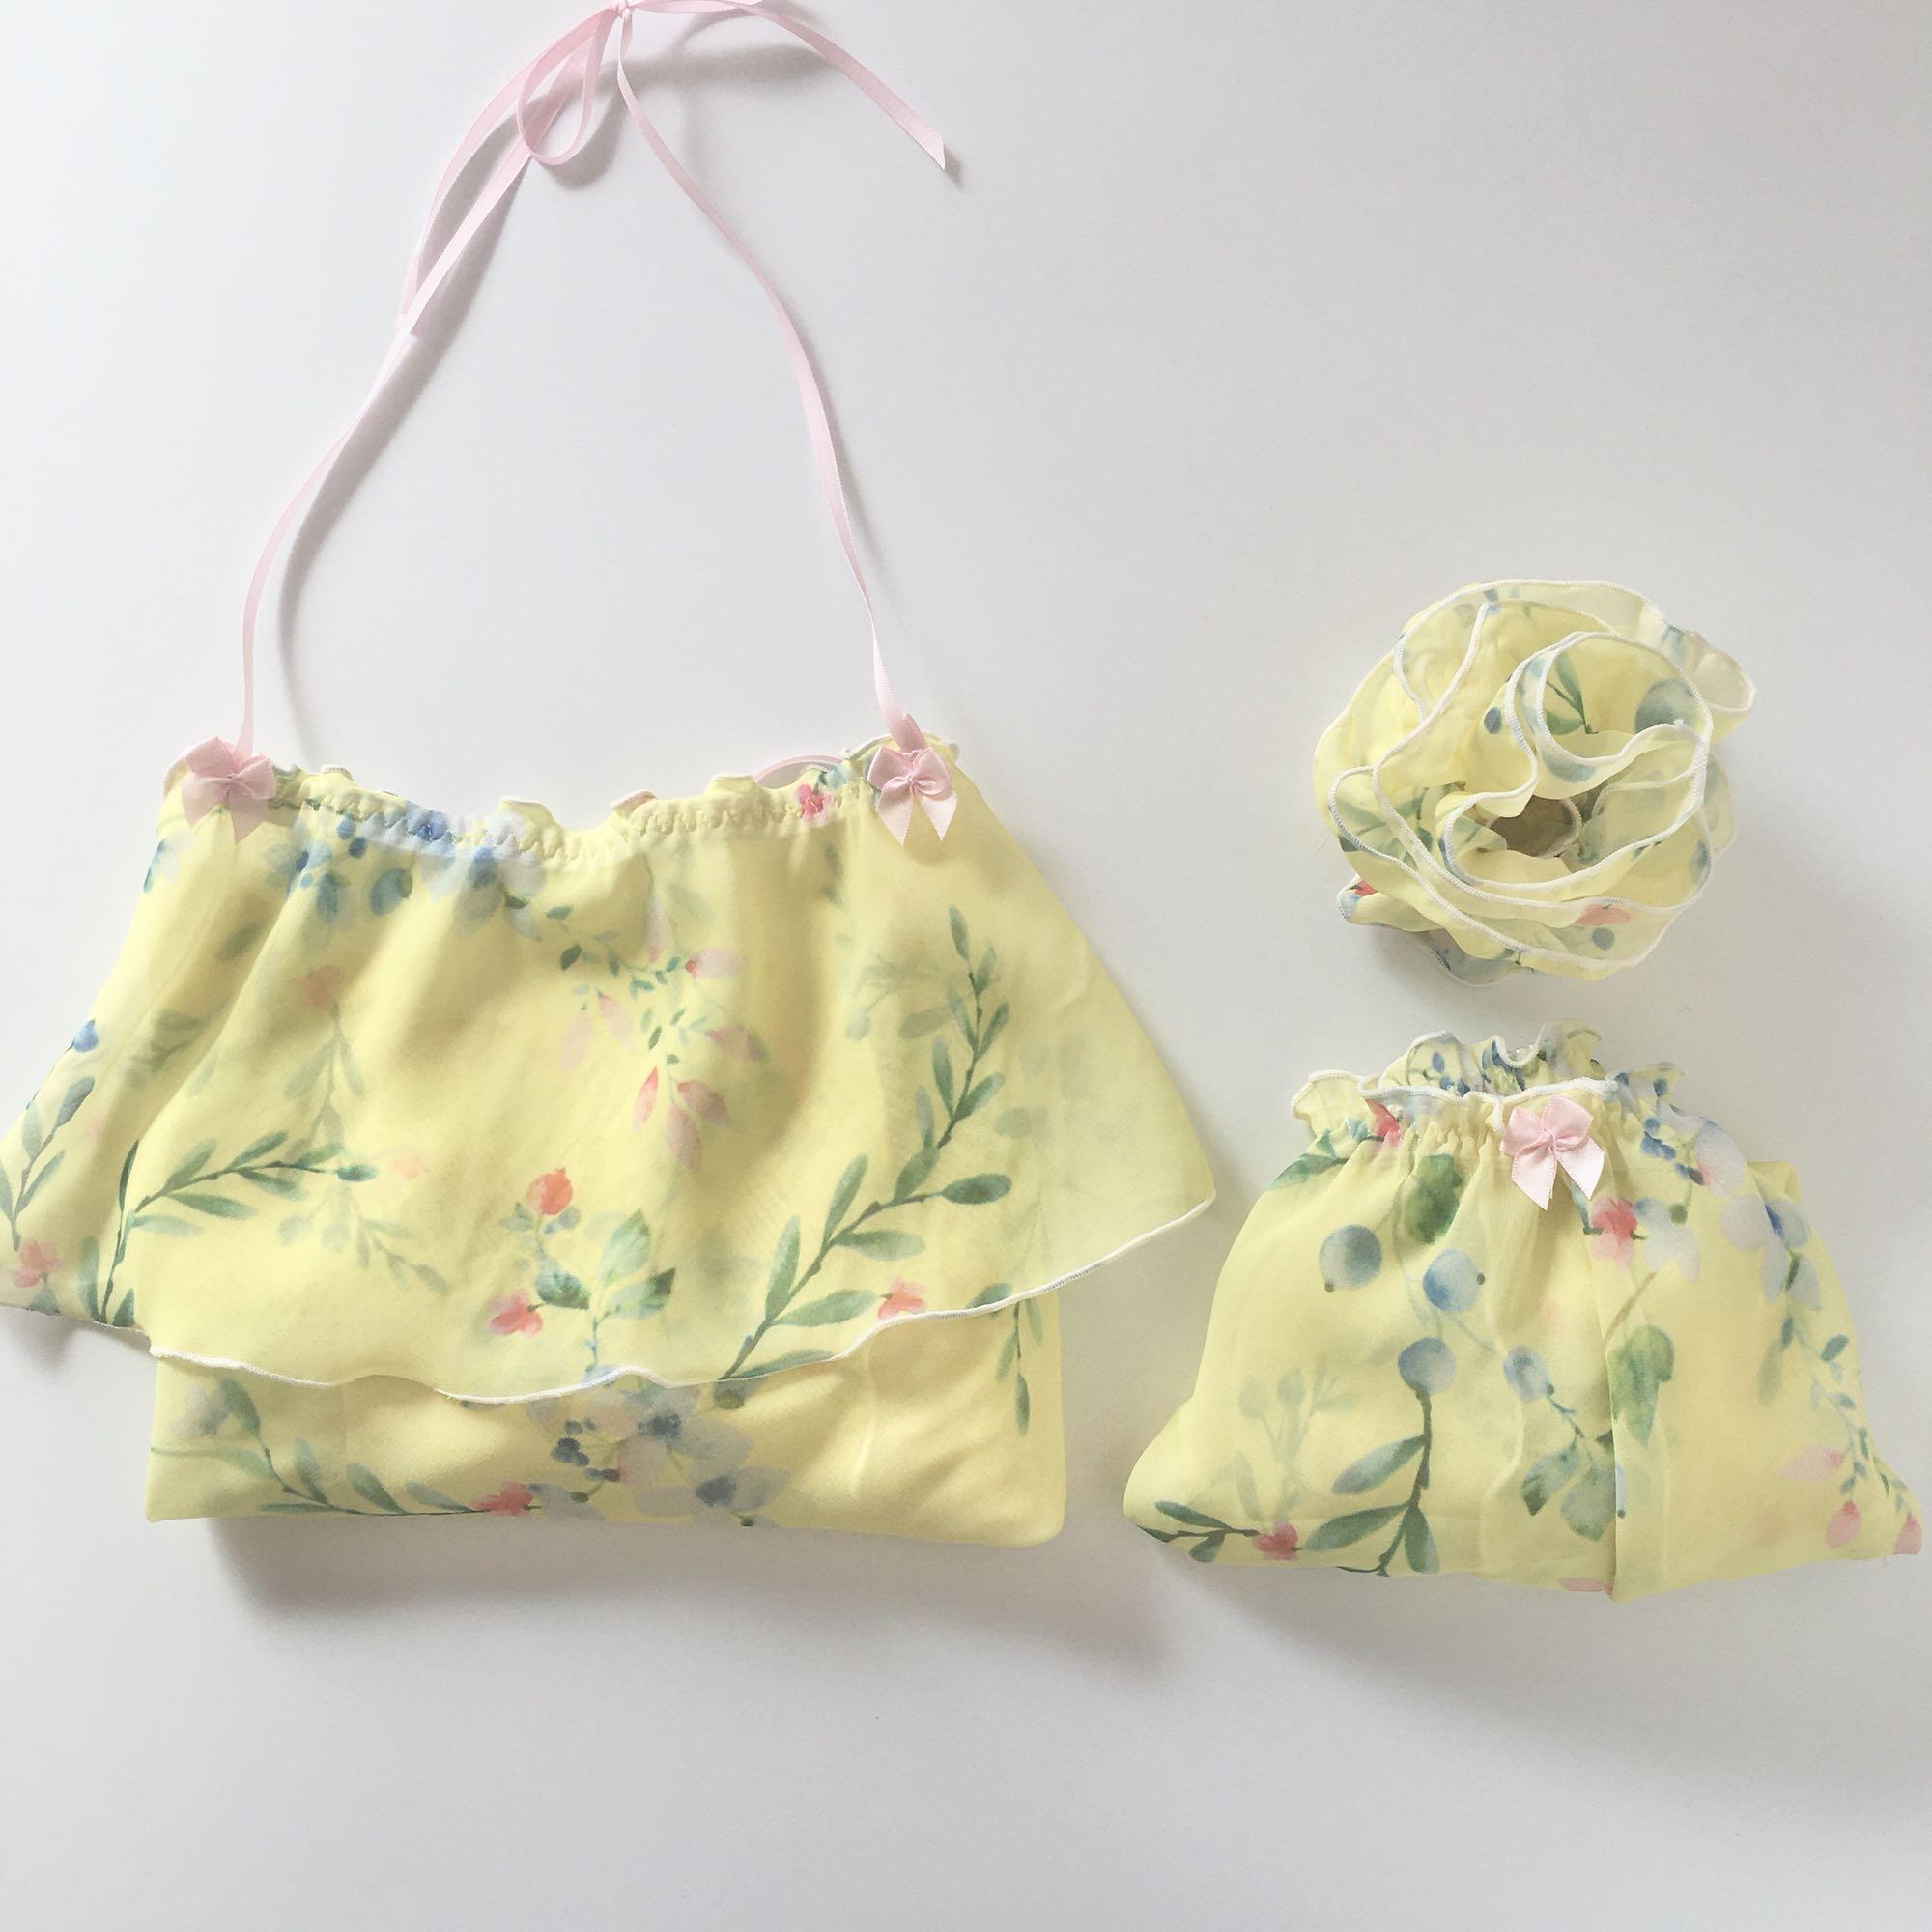 性感小姐姐黄色雪纺碎花古风汉服女肚兜露背吊带短裤睡衣套装手作